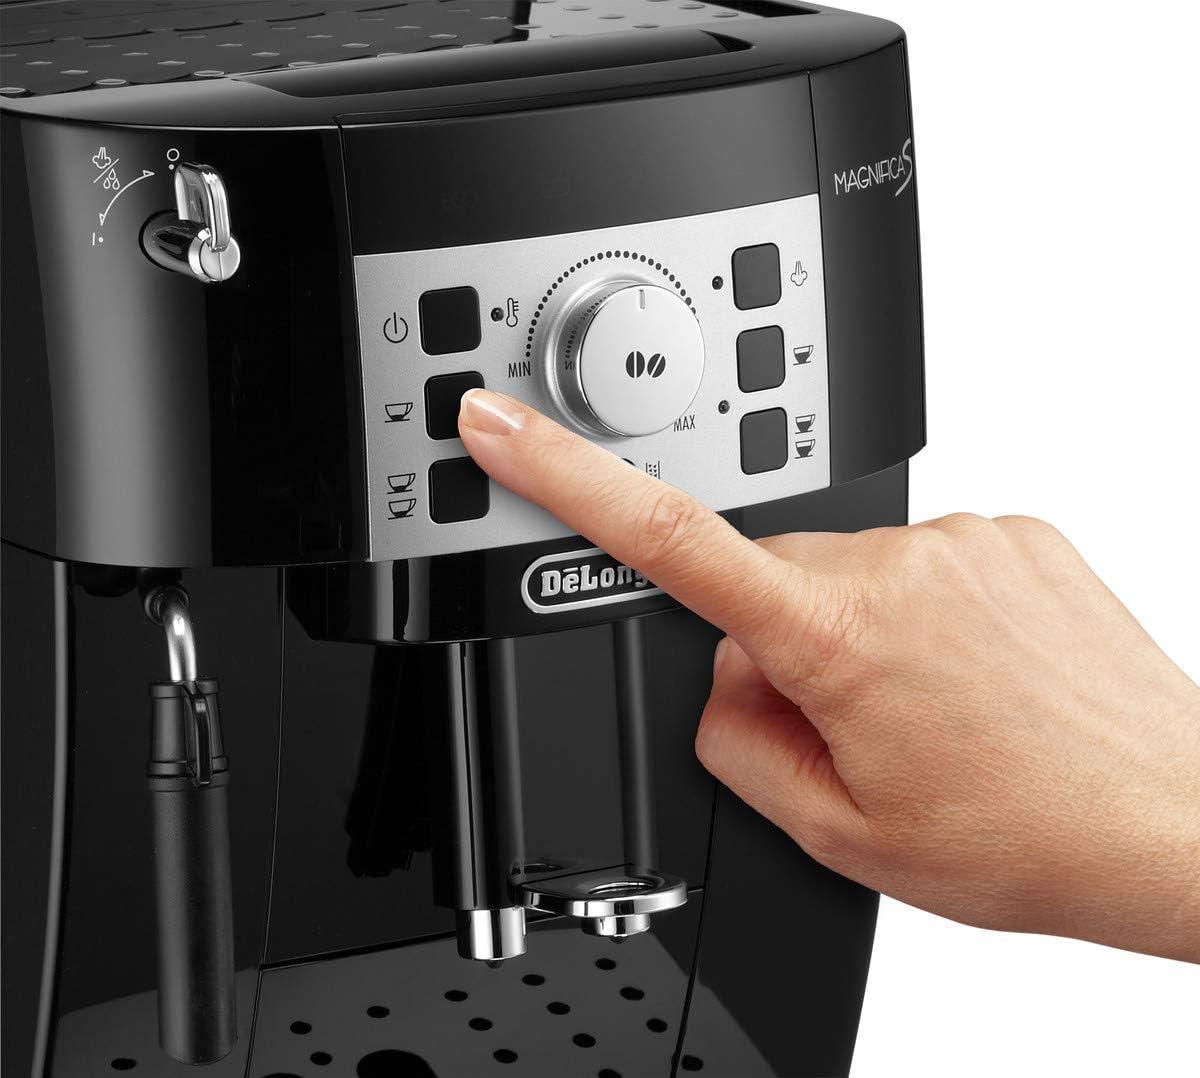 Delonghi Magnifica S - Cafetera Superautomática con 15 Bares de Presión, Cafetera para Espresso y Cappuccino, 13 Programas Ajustables, Sistema de Auto-limpieza, ECAM 22.110.B, Negra 35x24x43cm: Amazon.es: Hogar